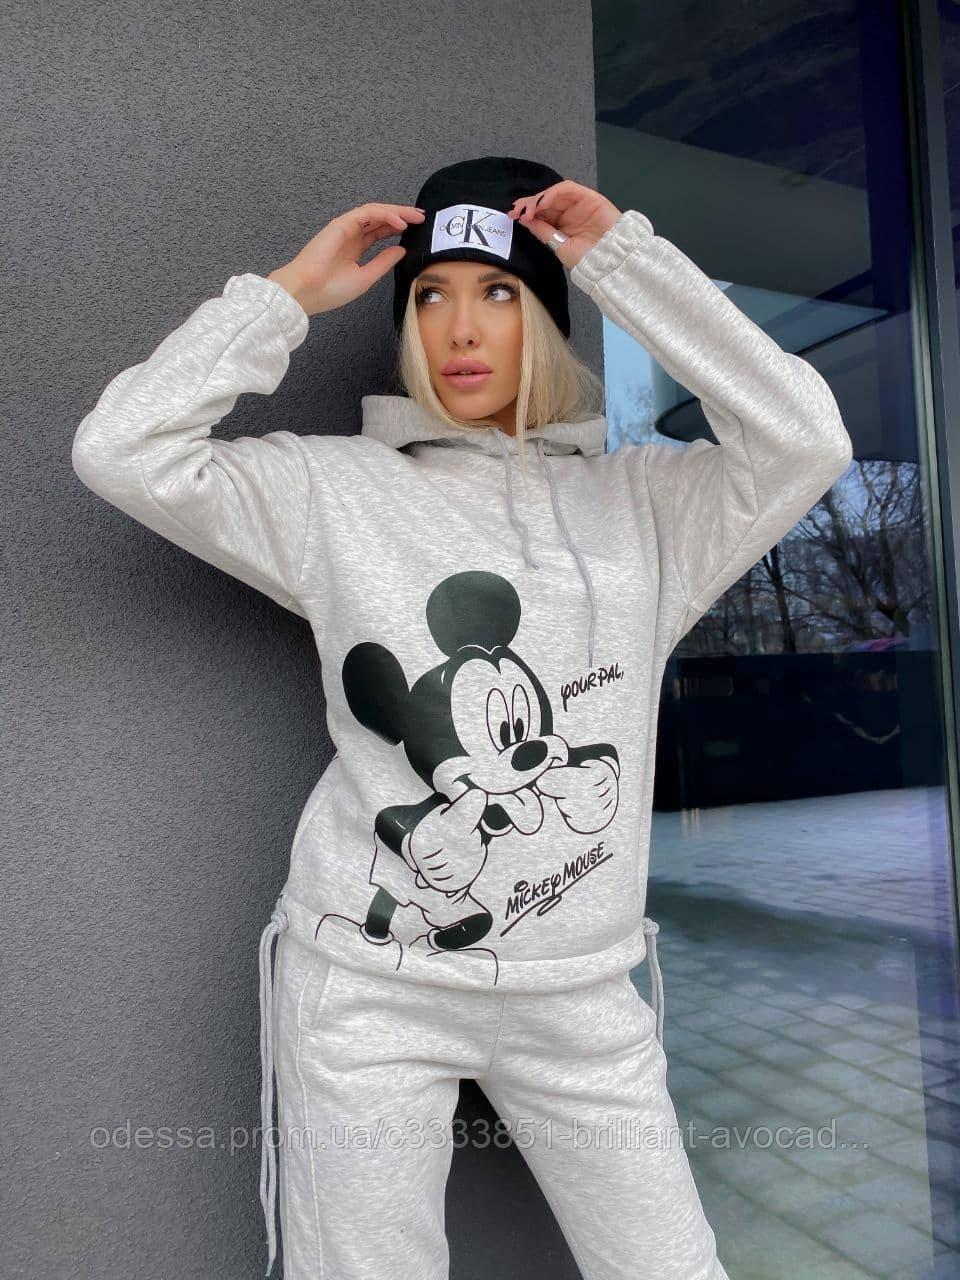 Женский тёплый спортивный костюм с принтом Микки Маус в большом размере 48 50 52